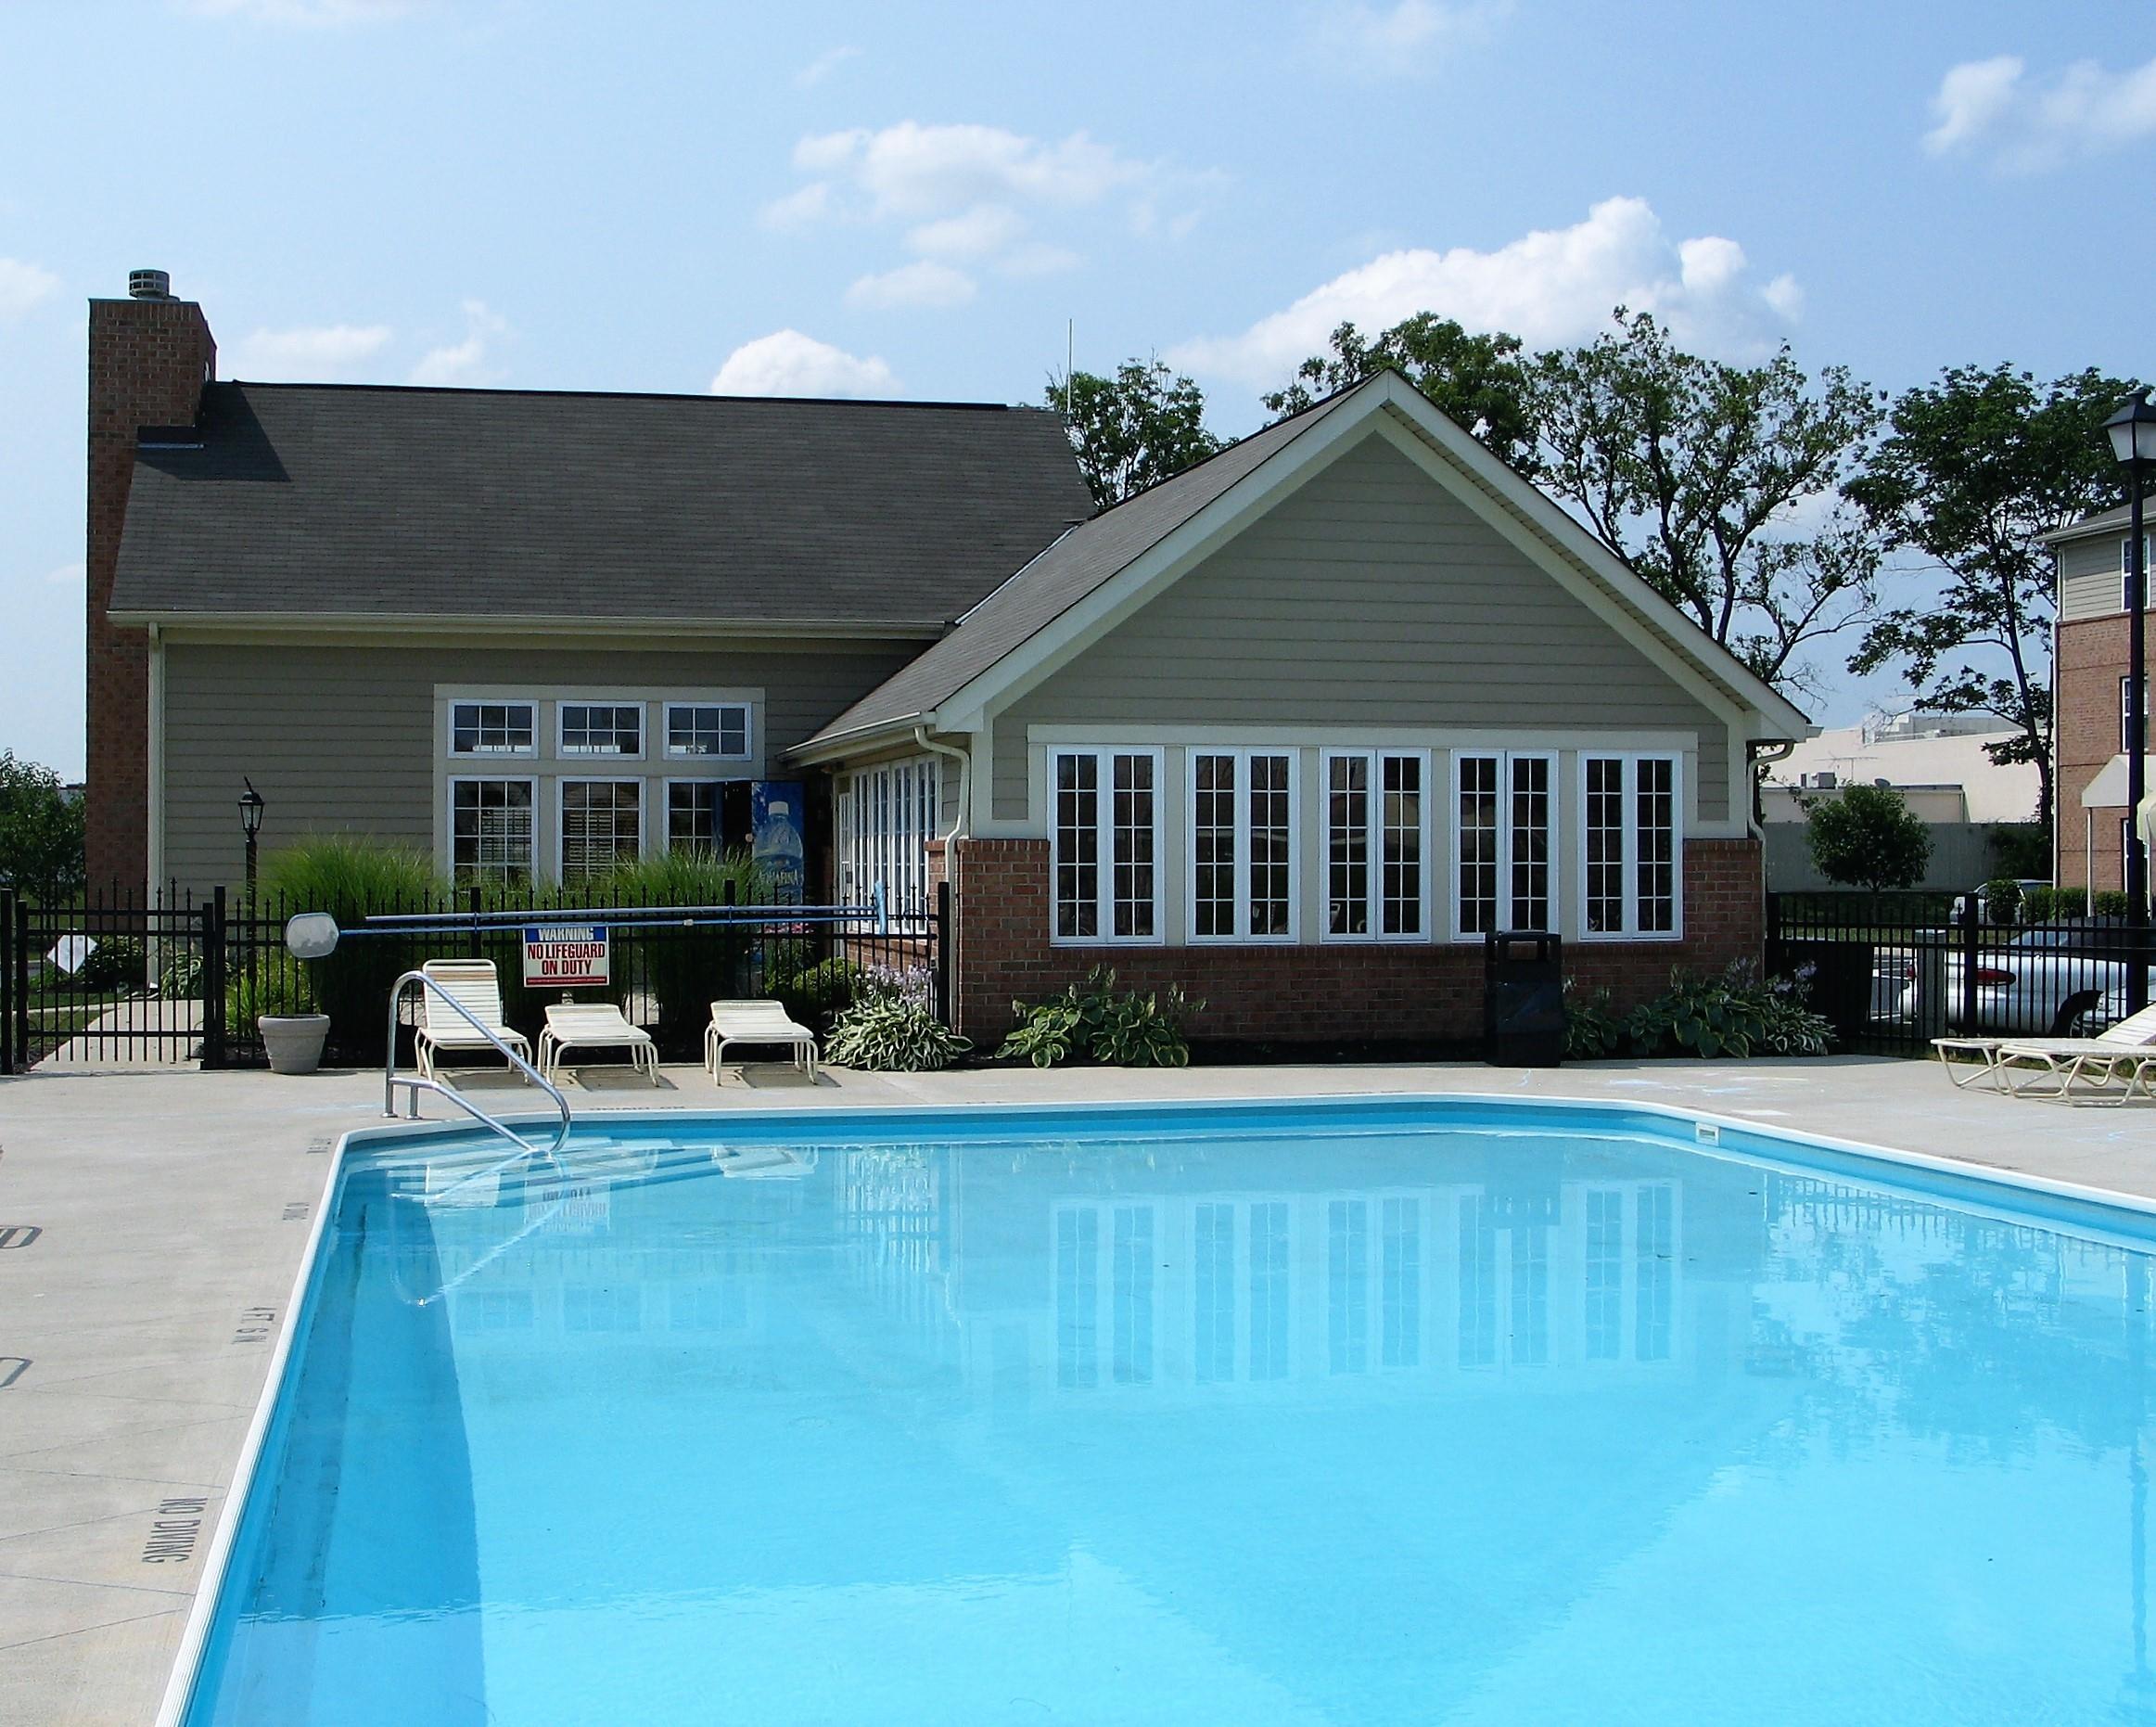 Breckenridge Apartments Hilliard Ohio